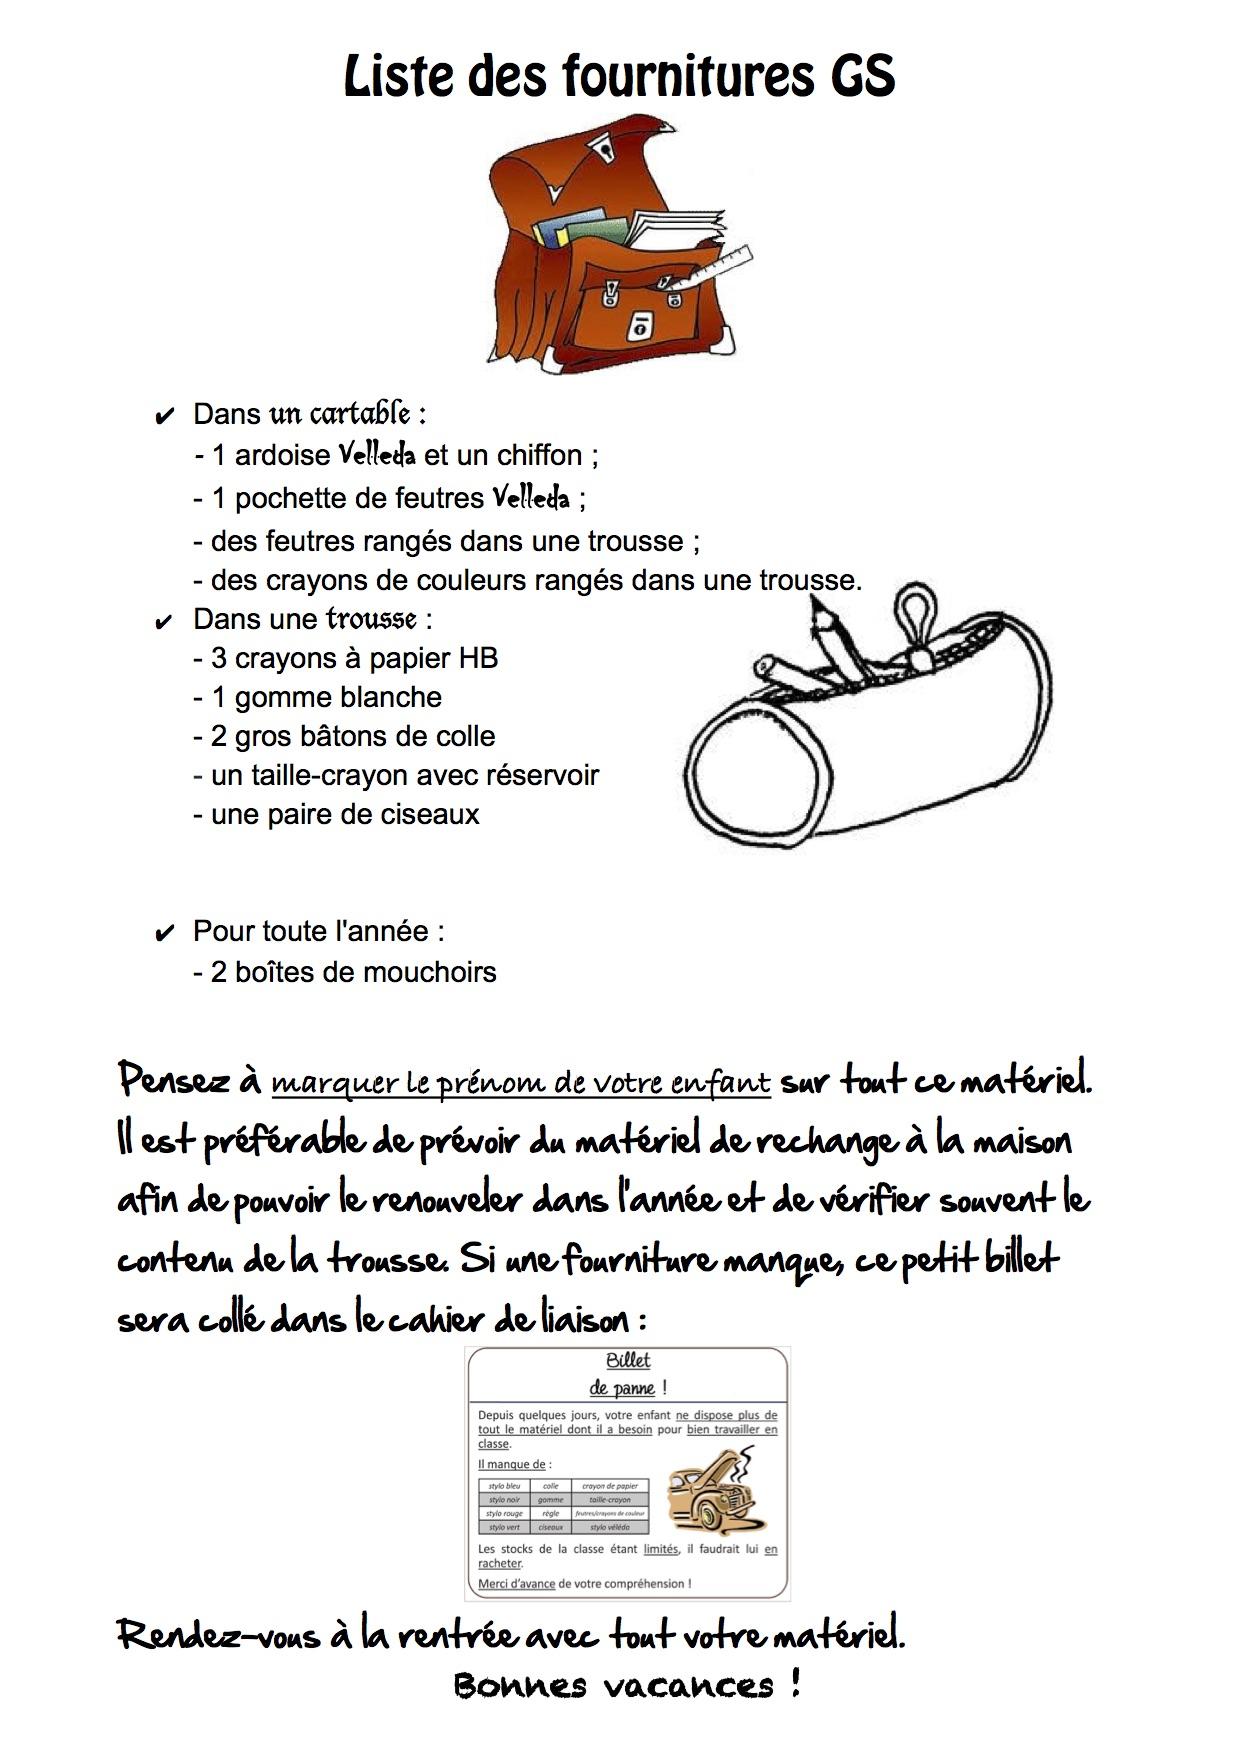 Liste de fournitures gs cp la classe de luccia bloglovin - Liste materiel electrique pour maison ...